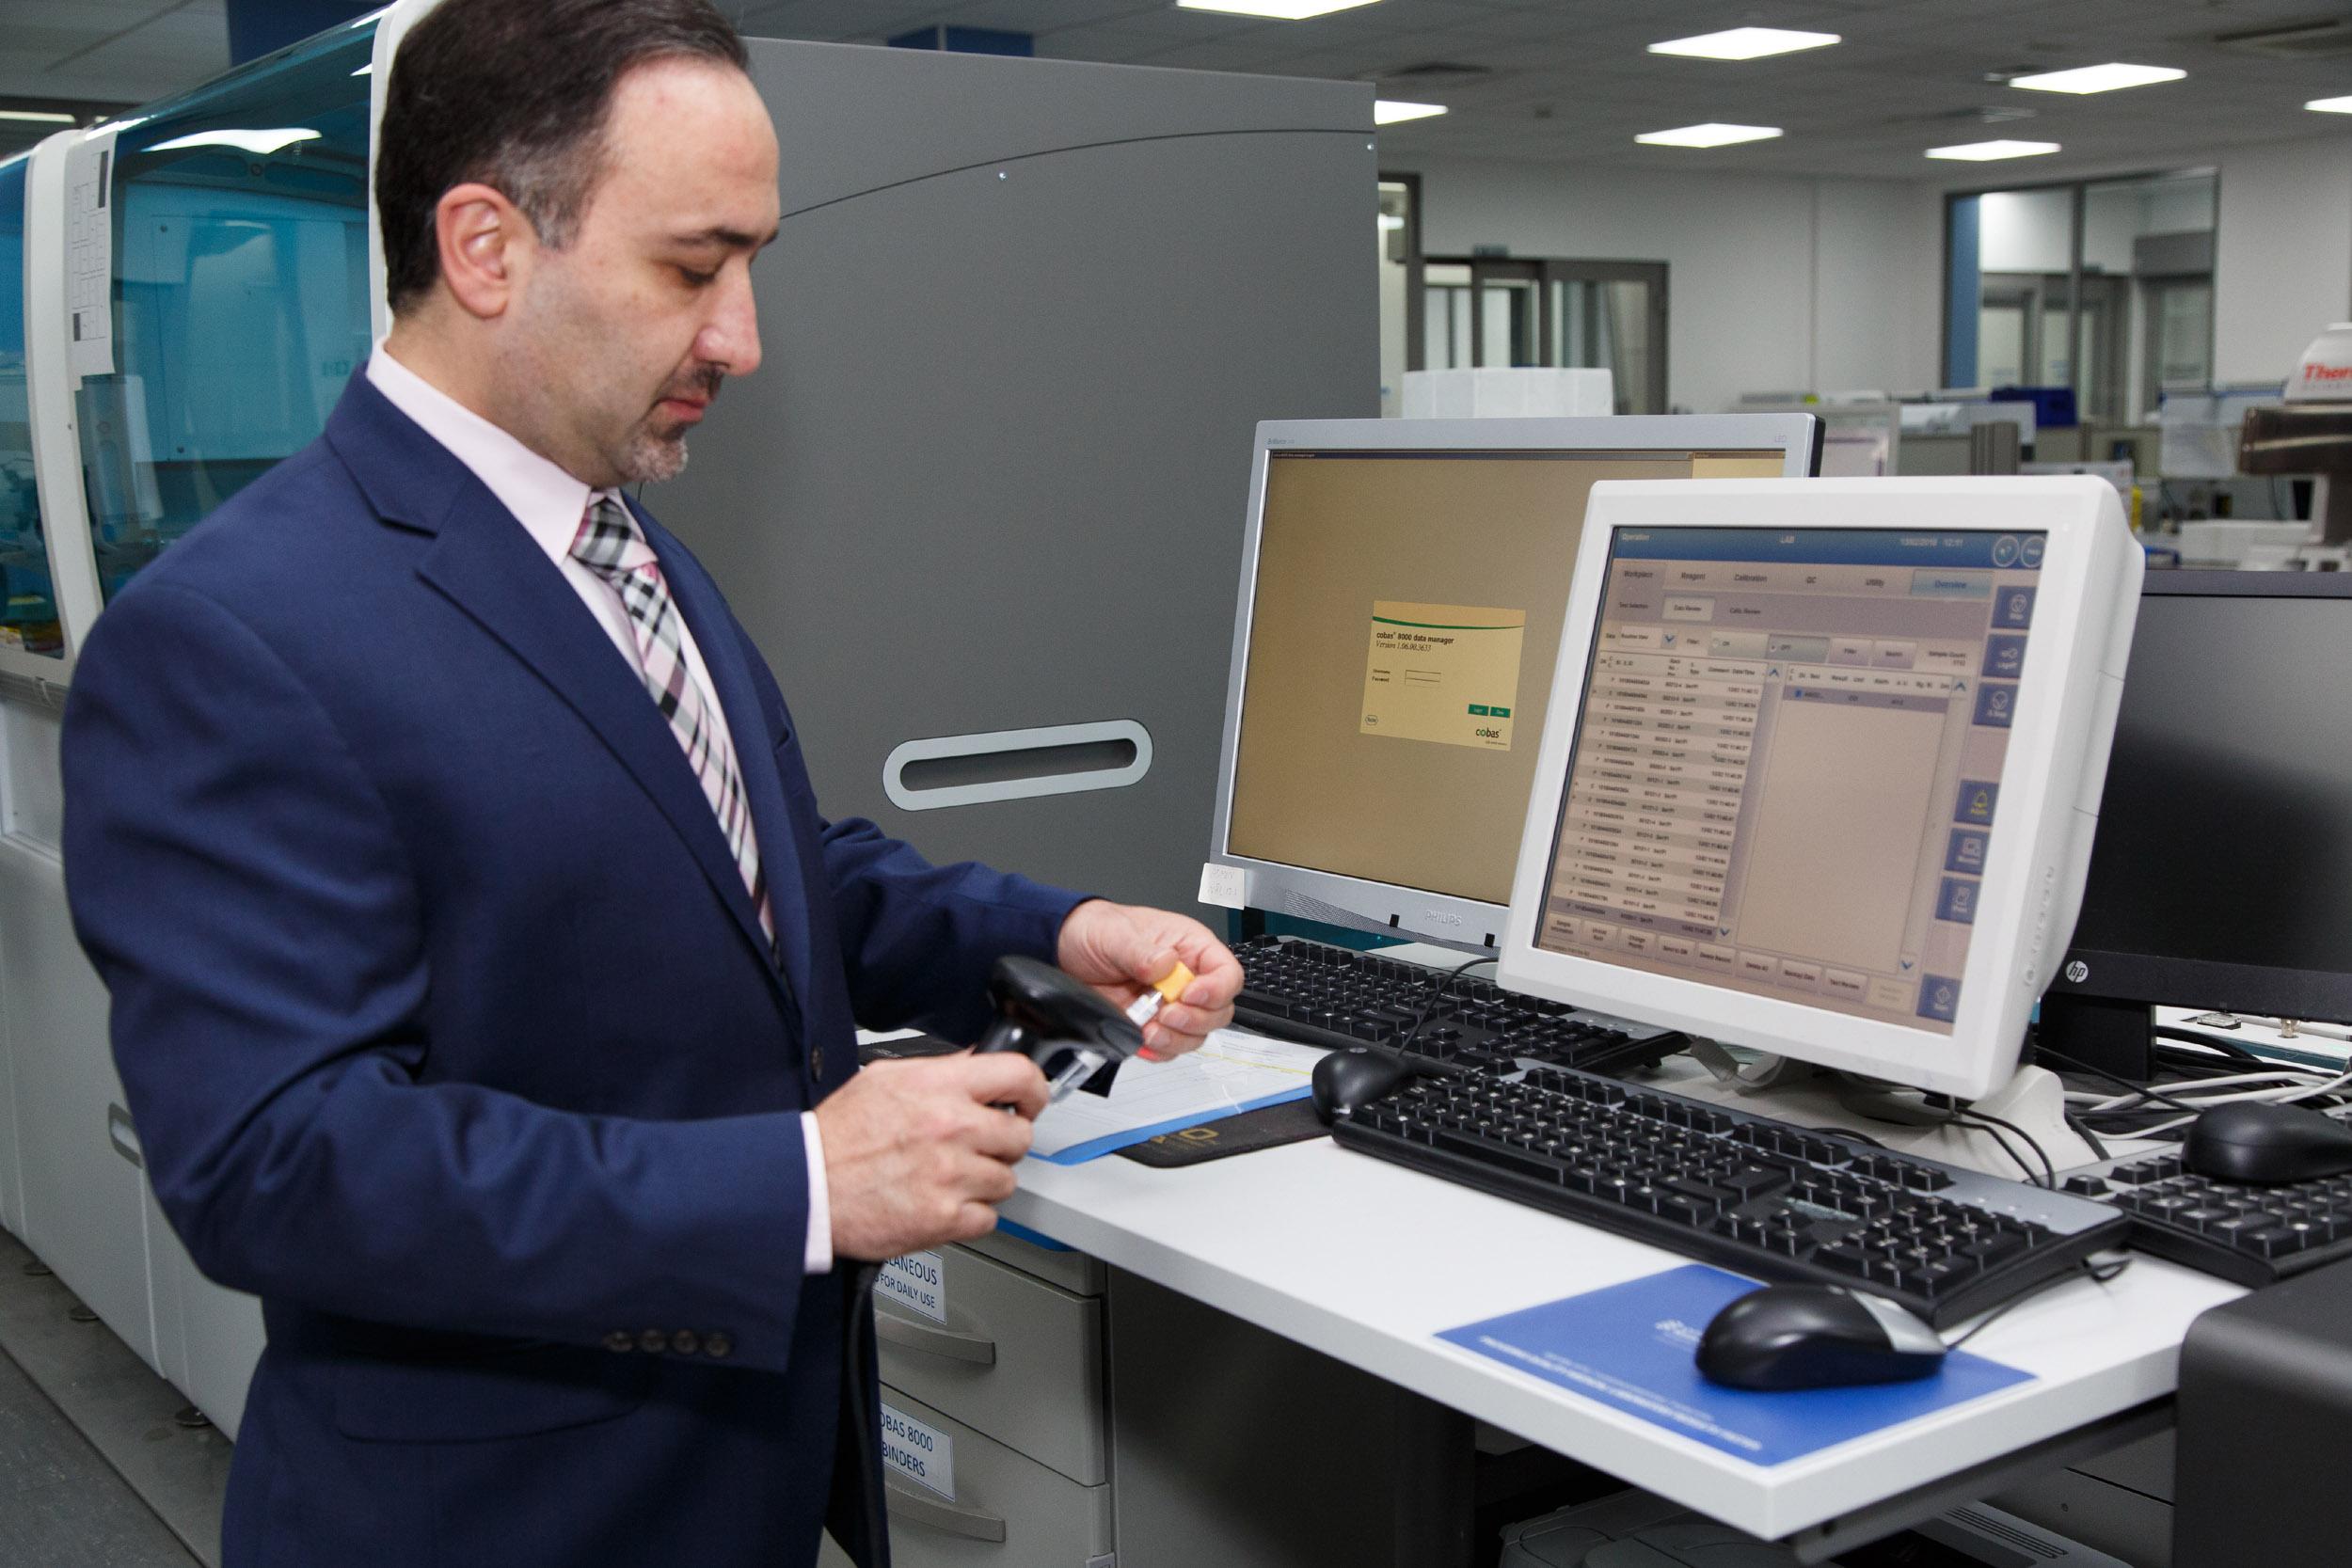 خبير طبي بارز يحث الرجال على إجراء فحوصات منتظمة للكشف عن مرض سرطان البروستات